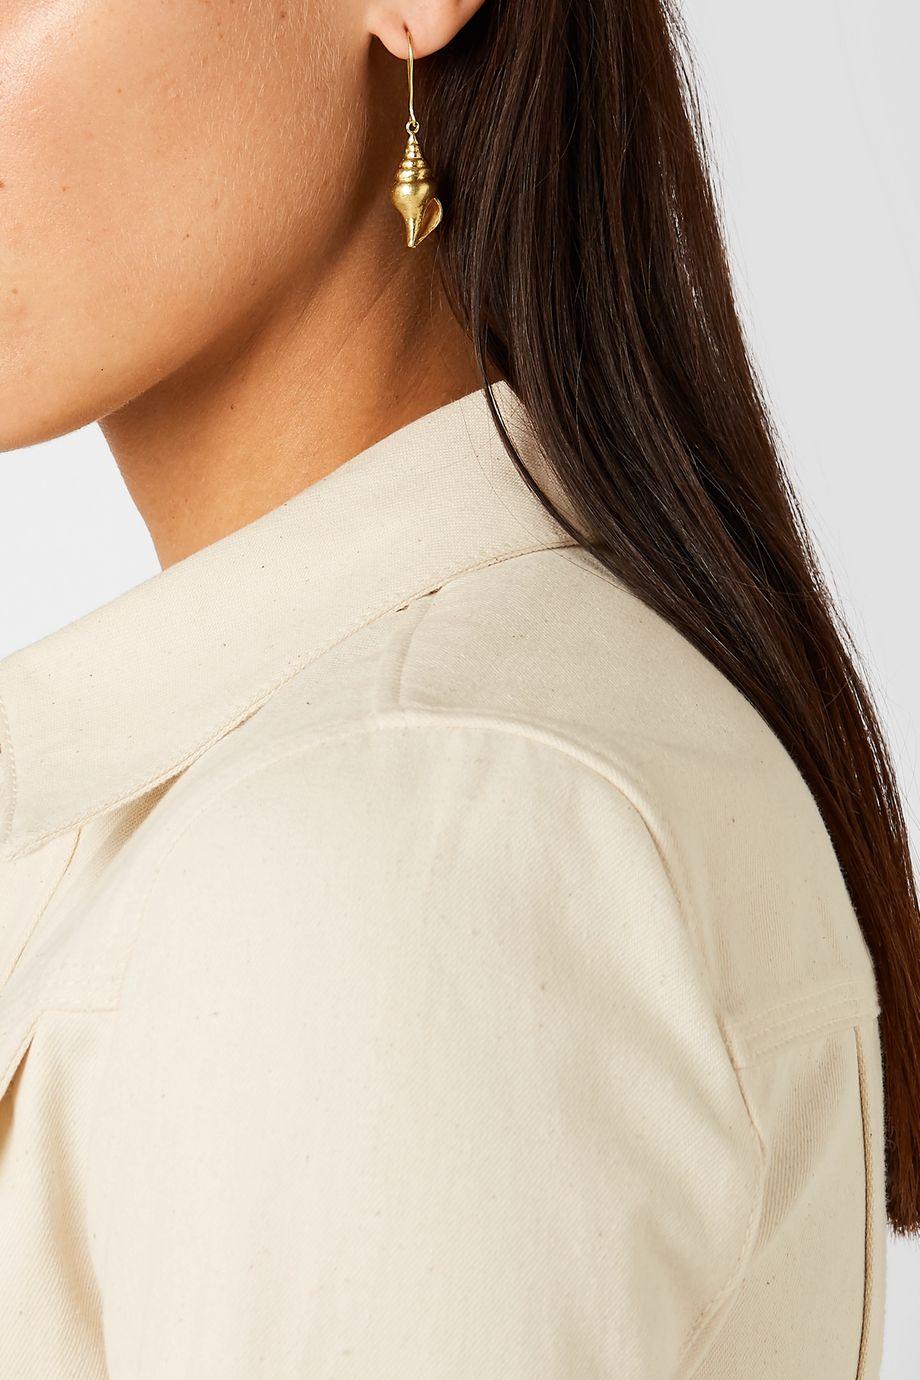 Pippa Small + NET SUSTAIN 18-karat gold earrings